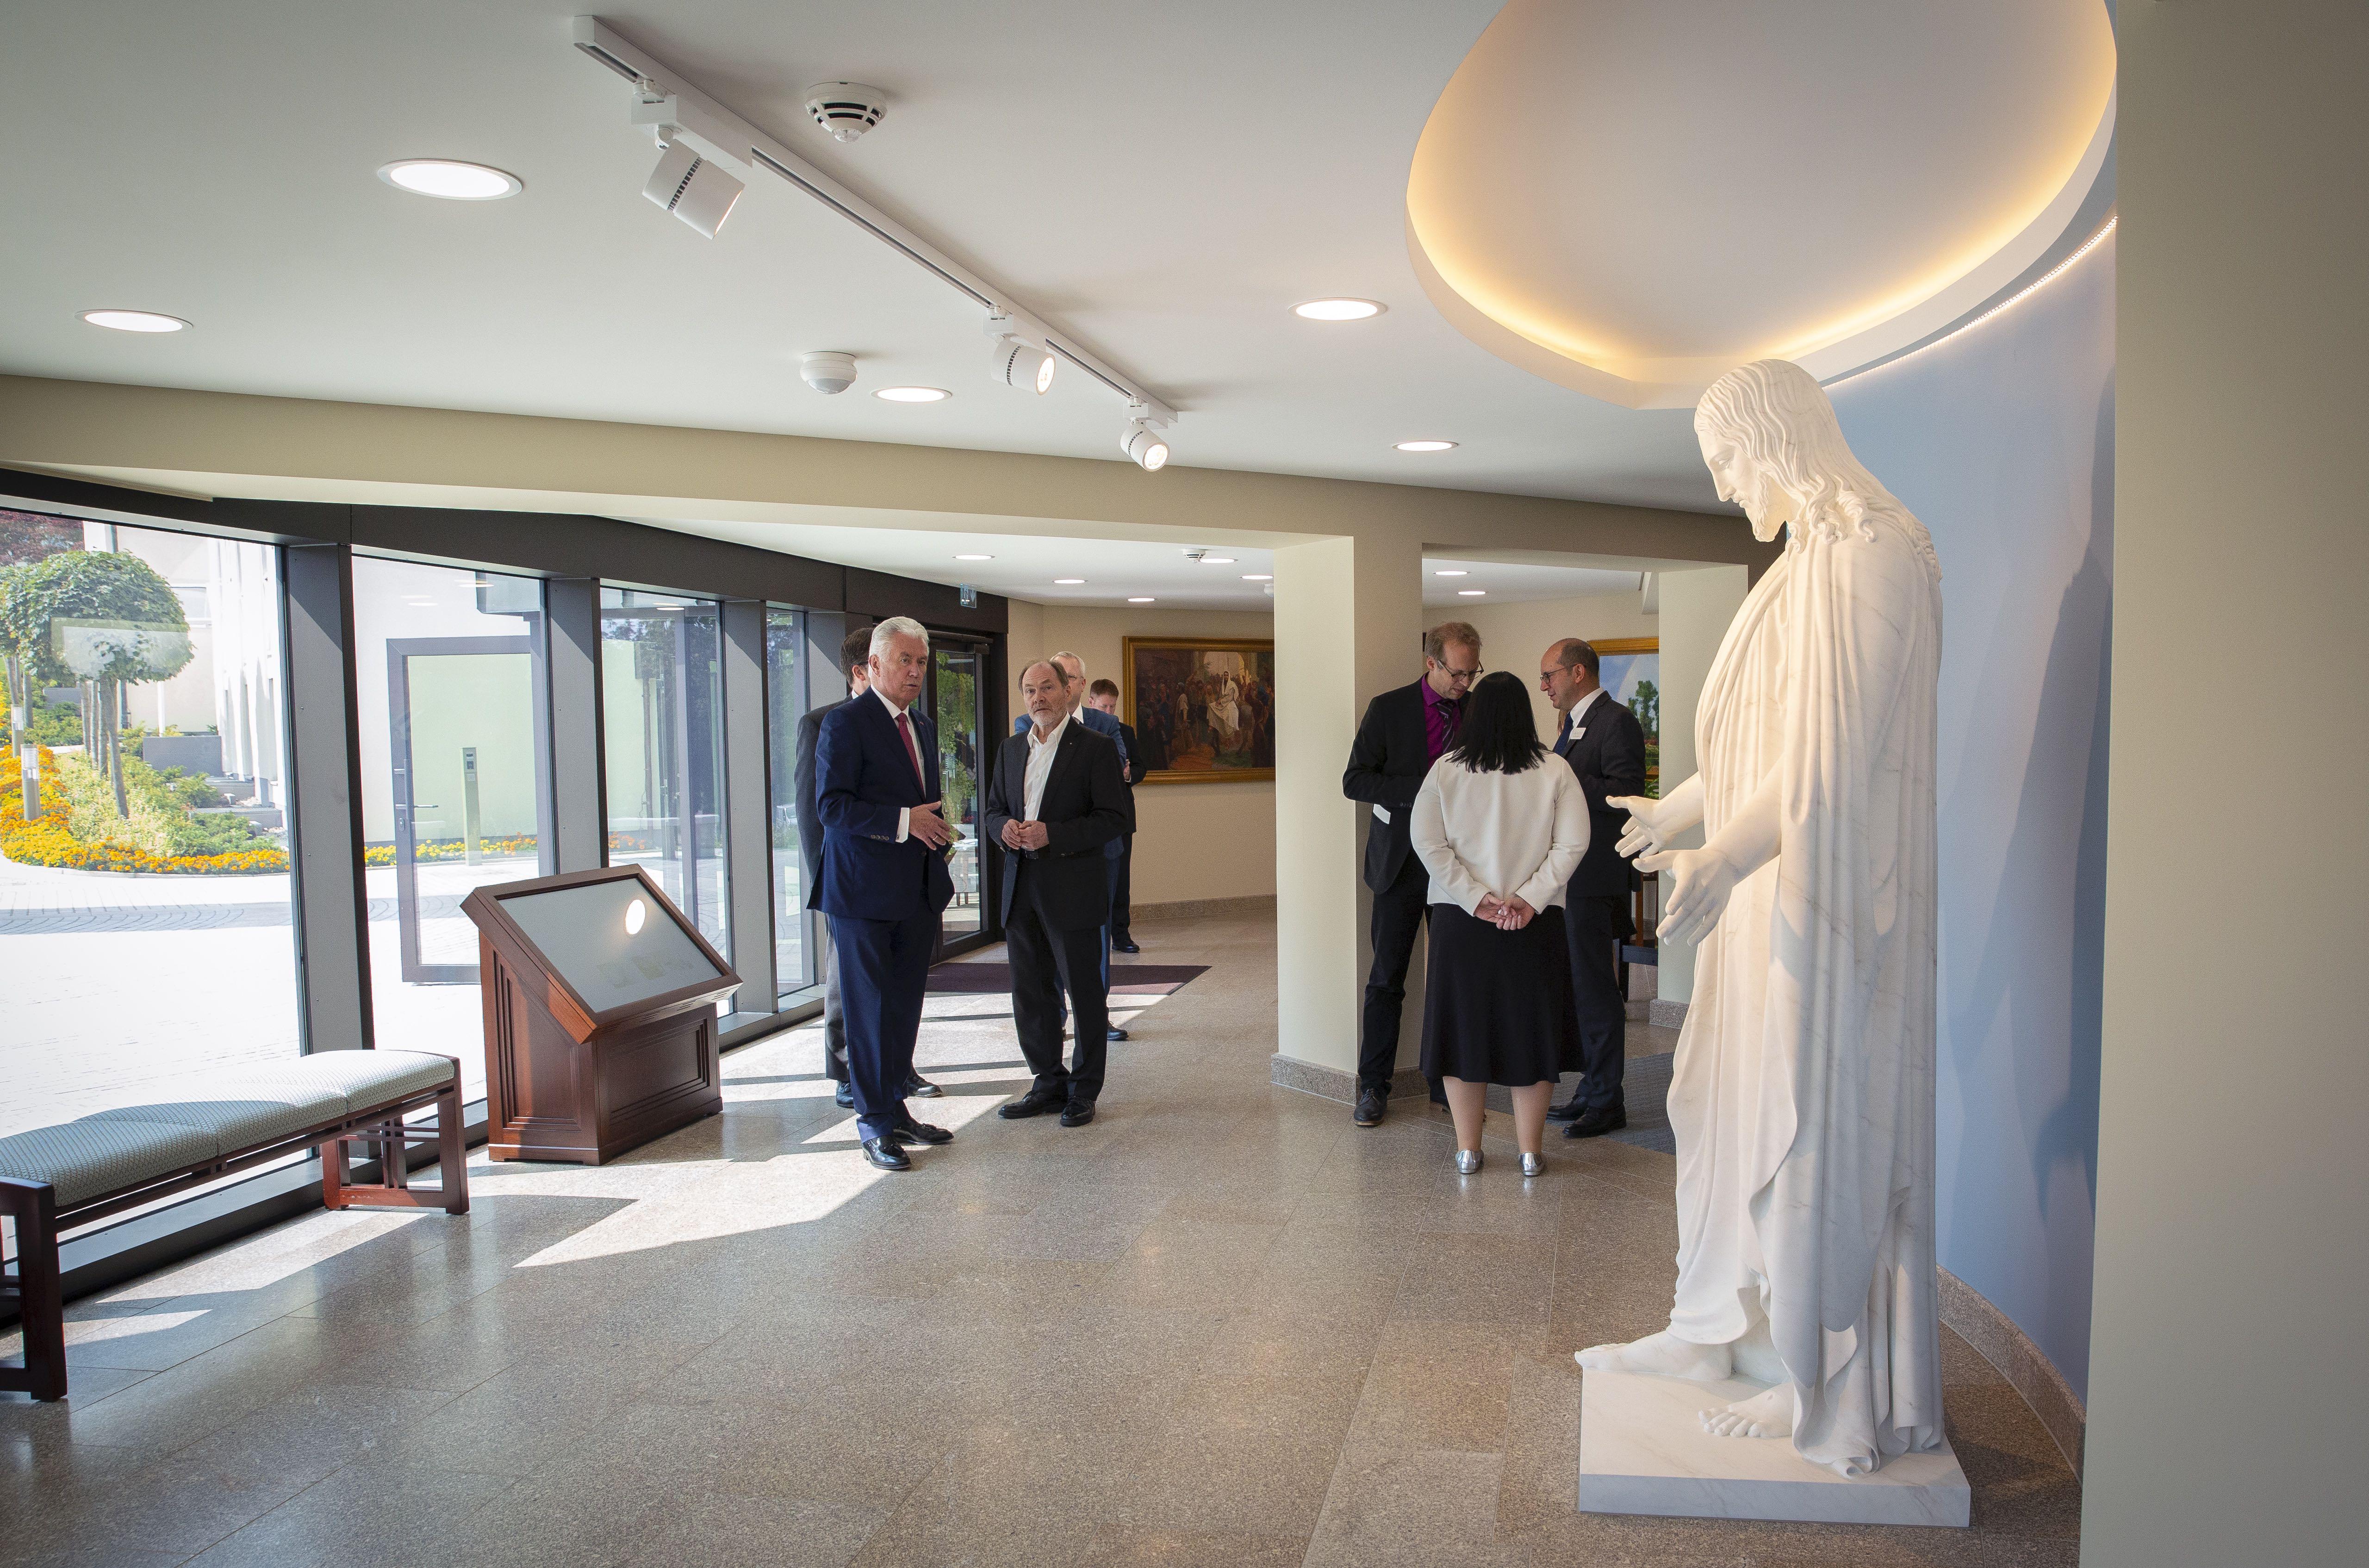 O élder Dieter F. Uchtdorf, à esquerda, mostra a Wolfgang Thielman — jornalista do Die Zeit, um importante jornal alemão — a estátua Christus no Centro de Visitantes do Templo de Frankfurt, em Friedrichsdorf, Alemanha, na terça-feira, 10 de setembro de 2019.